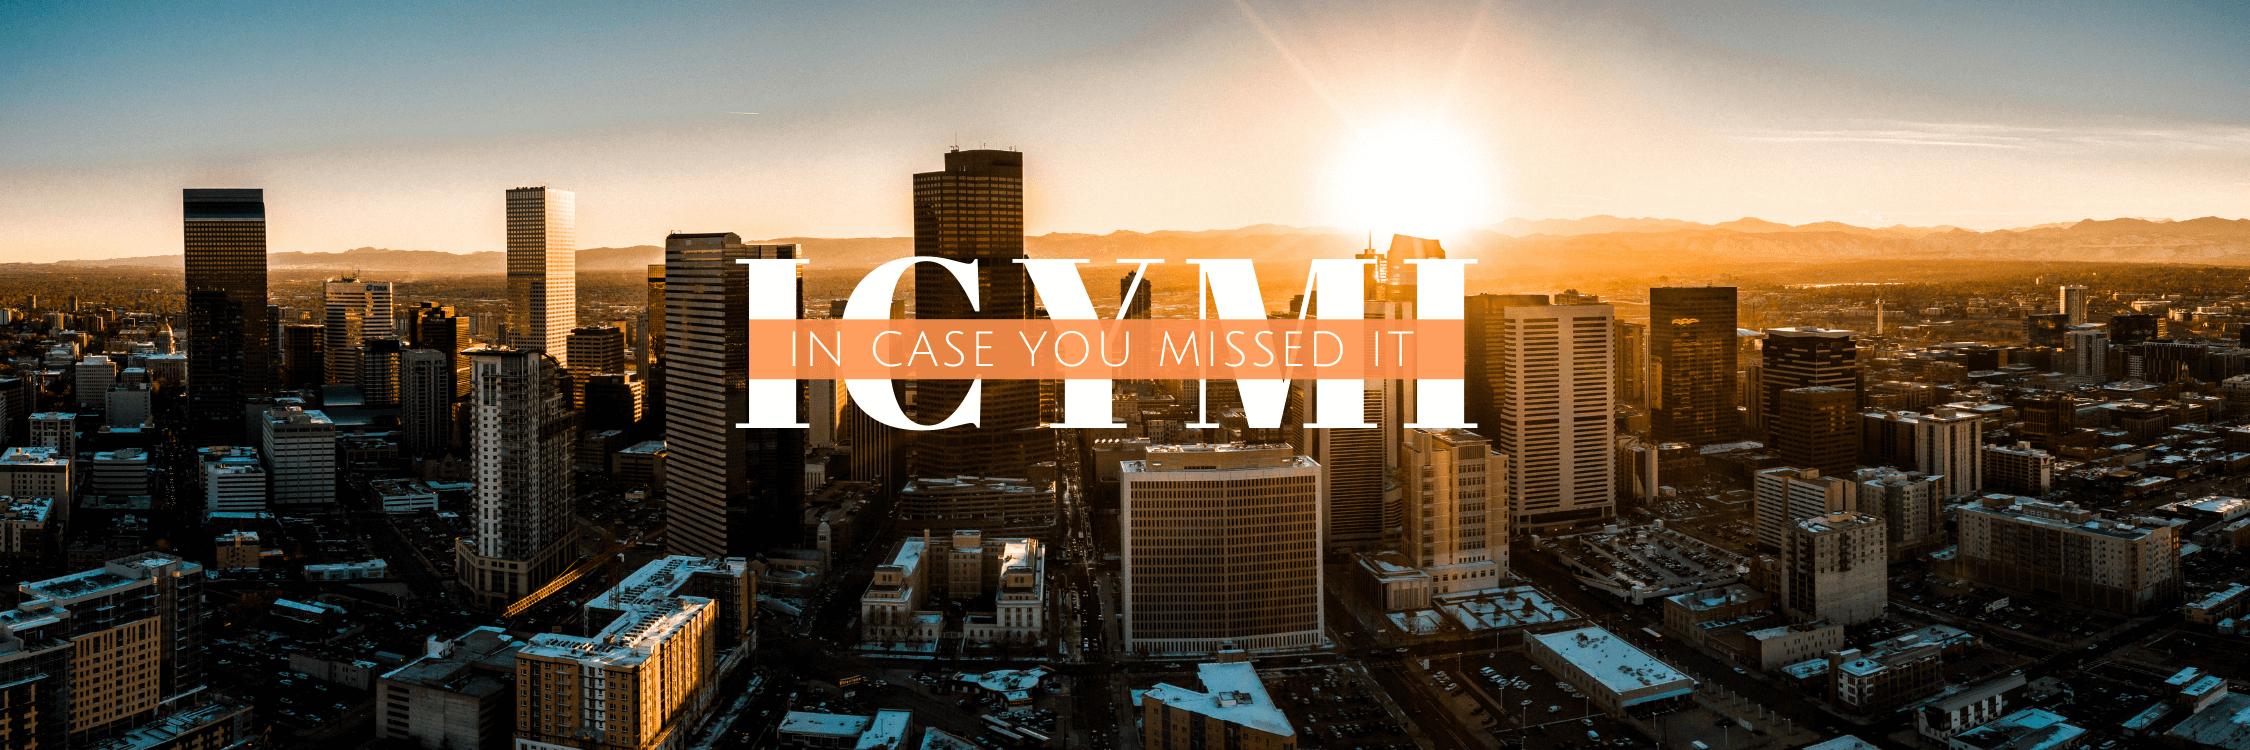 Skyline picture of Denver